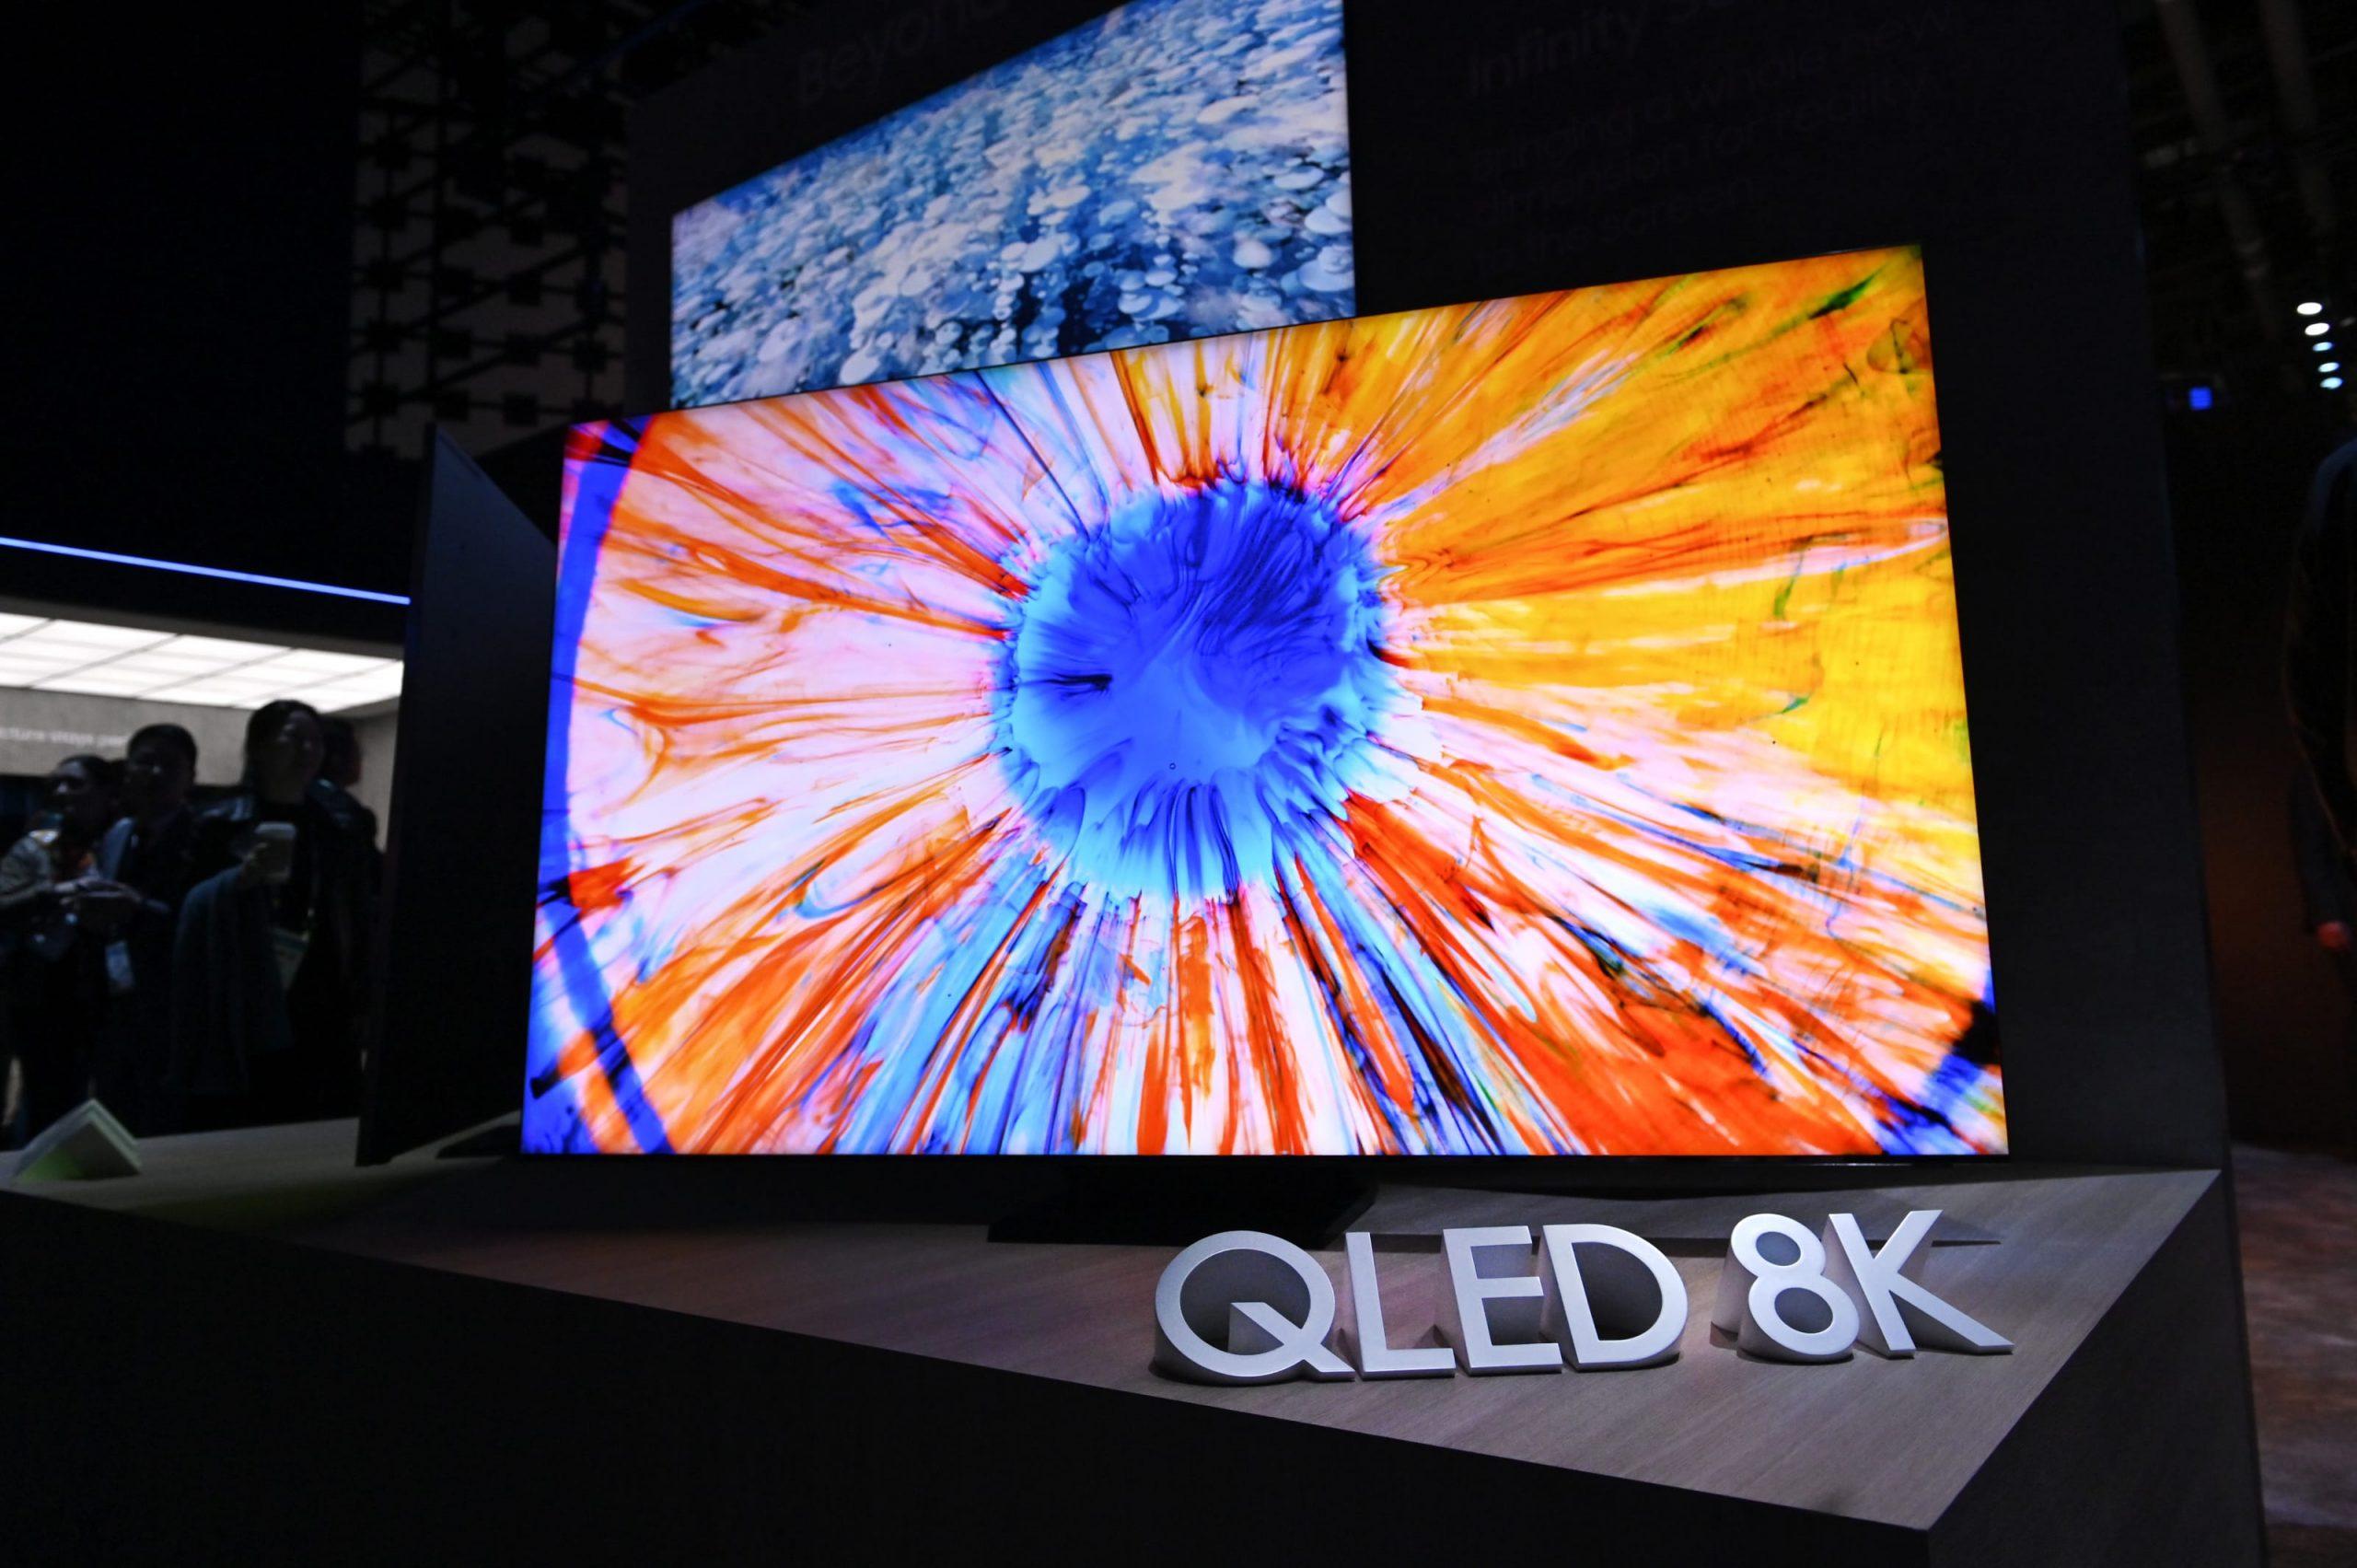 روکیدا   تلویزیون های جدید الجی با چه فناوری نمایشگری عرضه خواهند شد؟   تلویزیون, سامسونگ